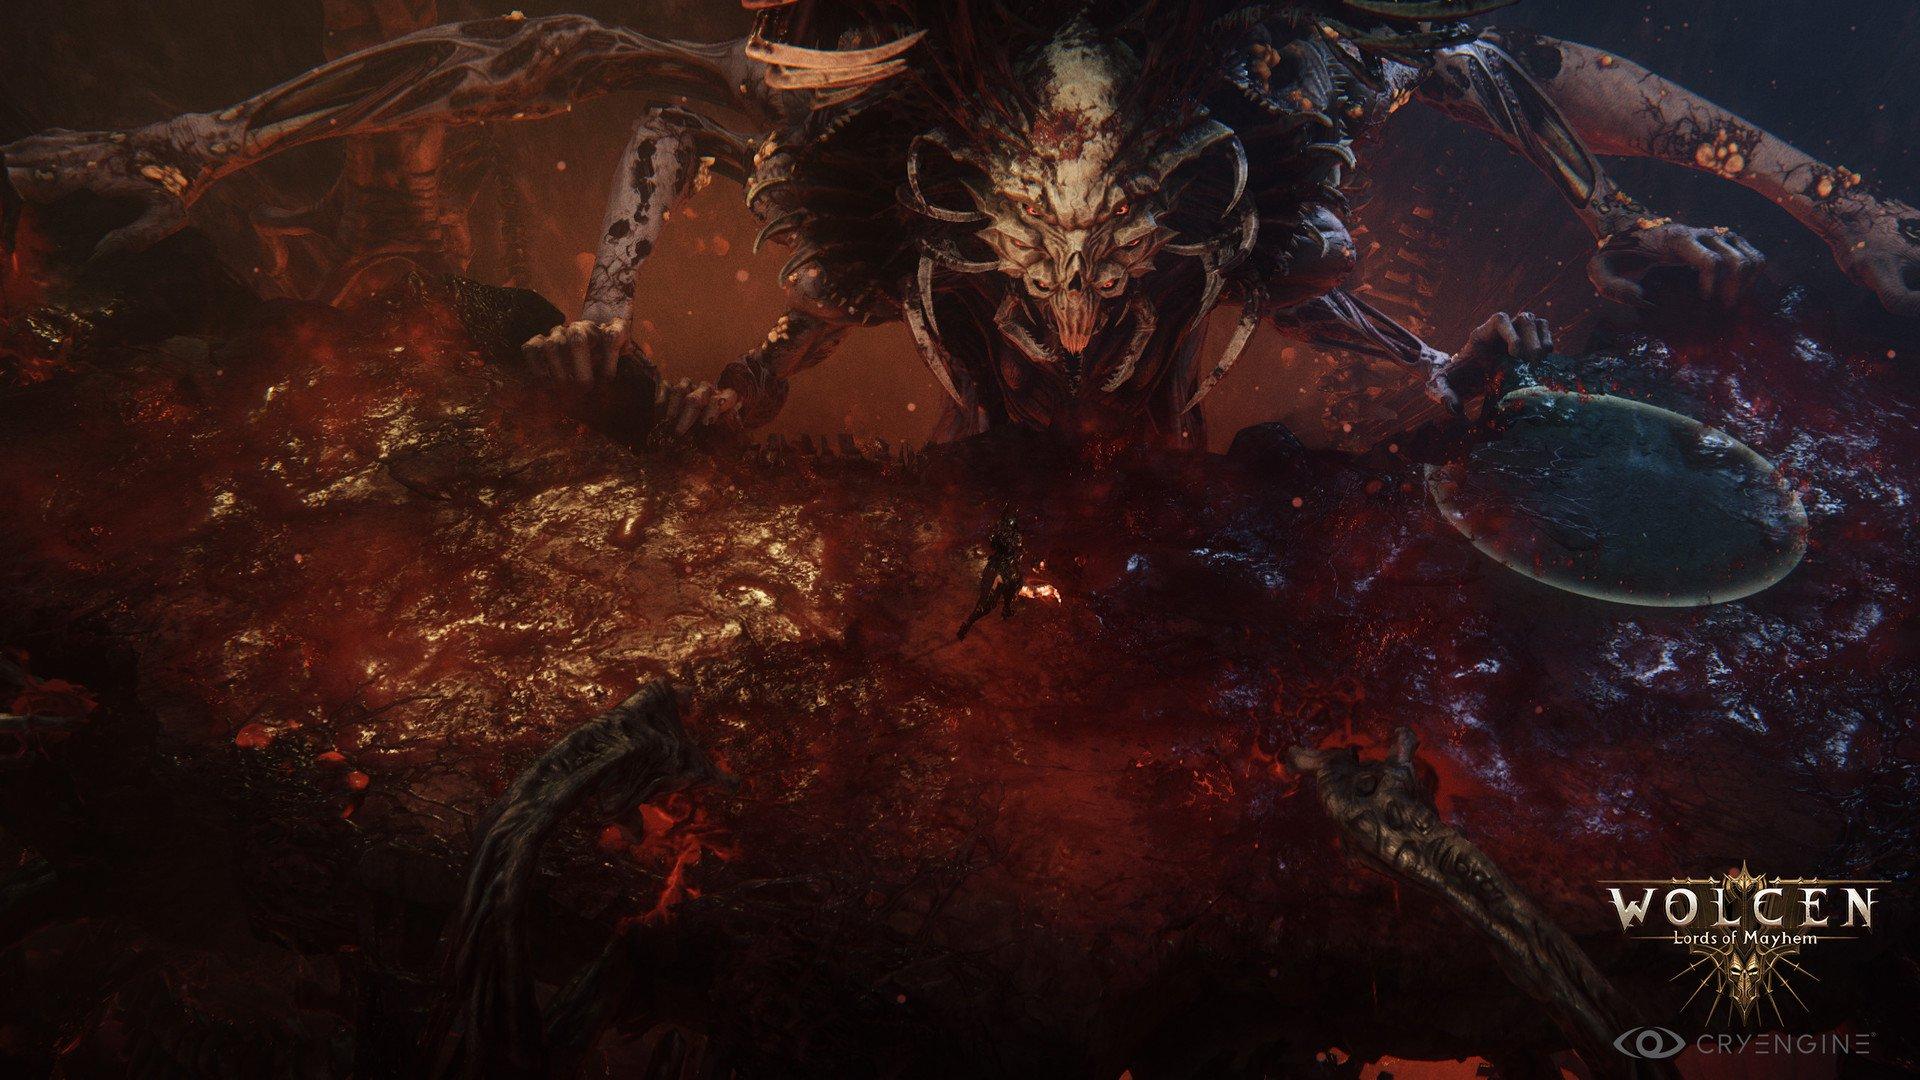 Wolcen Lords of Mayhem 12